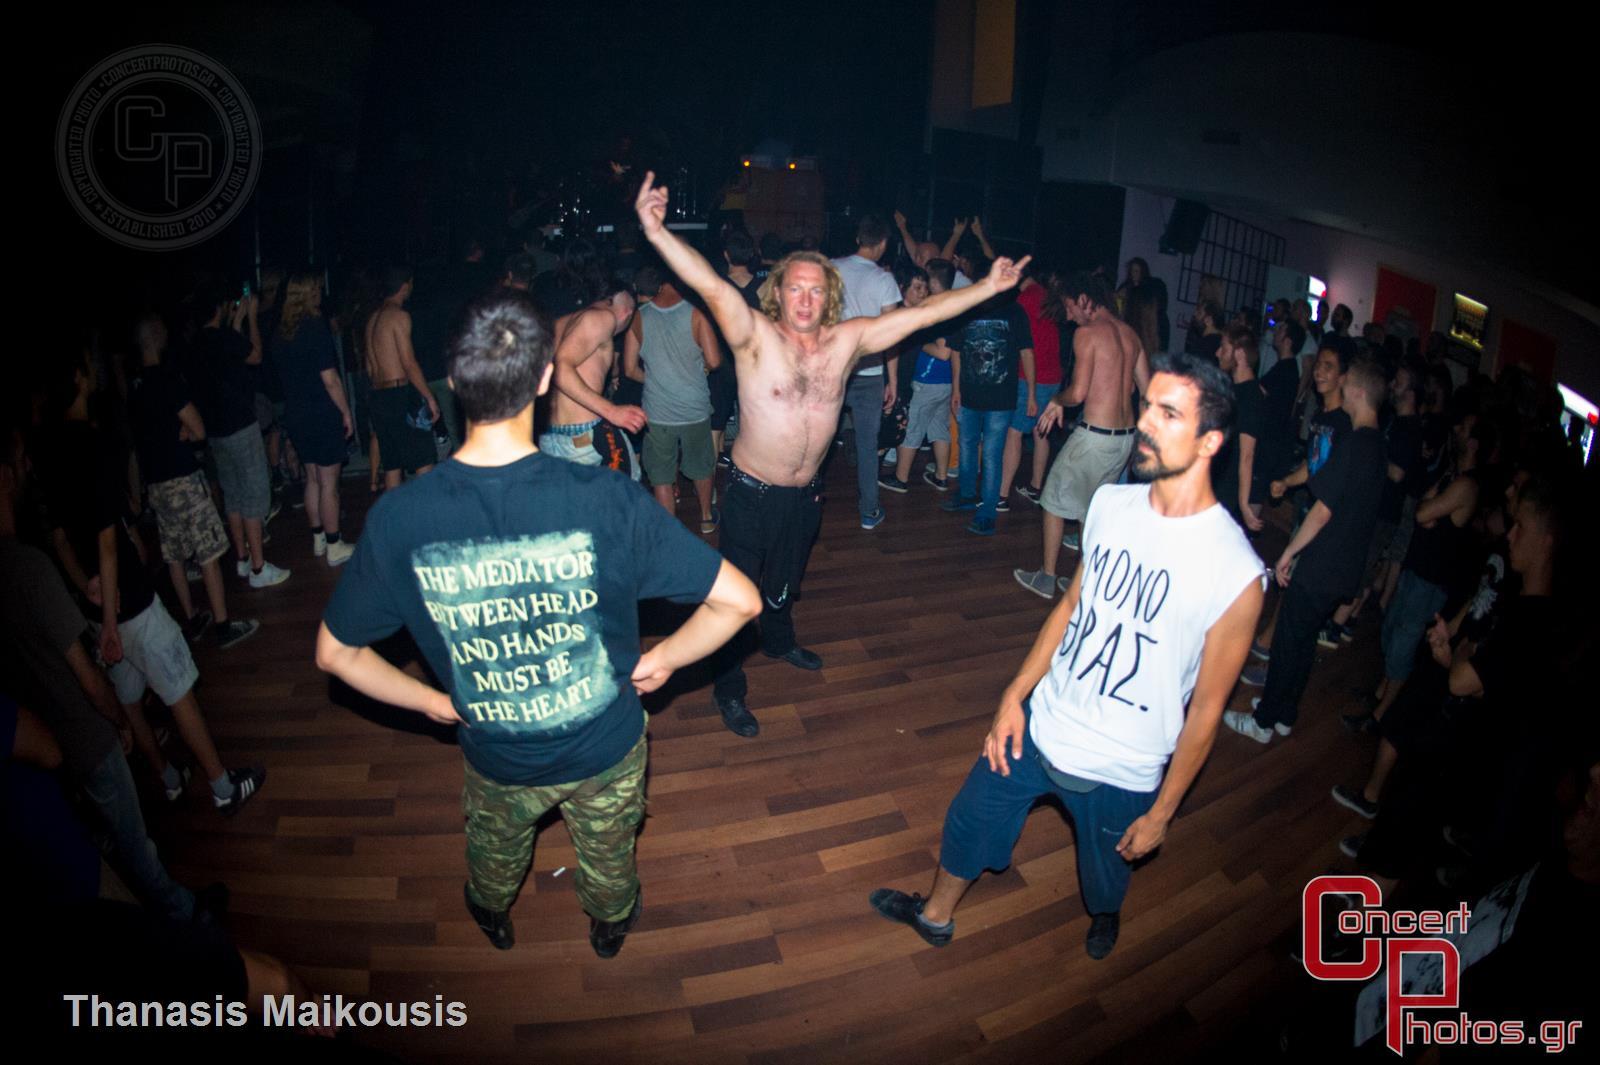 Sepultura-Sepultira photographer: Thanasis Maikousis - concertphotos_20140703_22_24_15